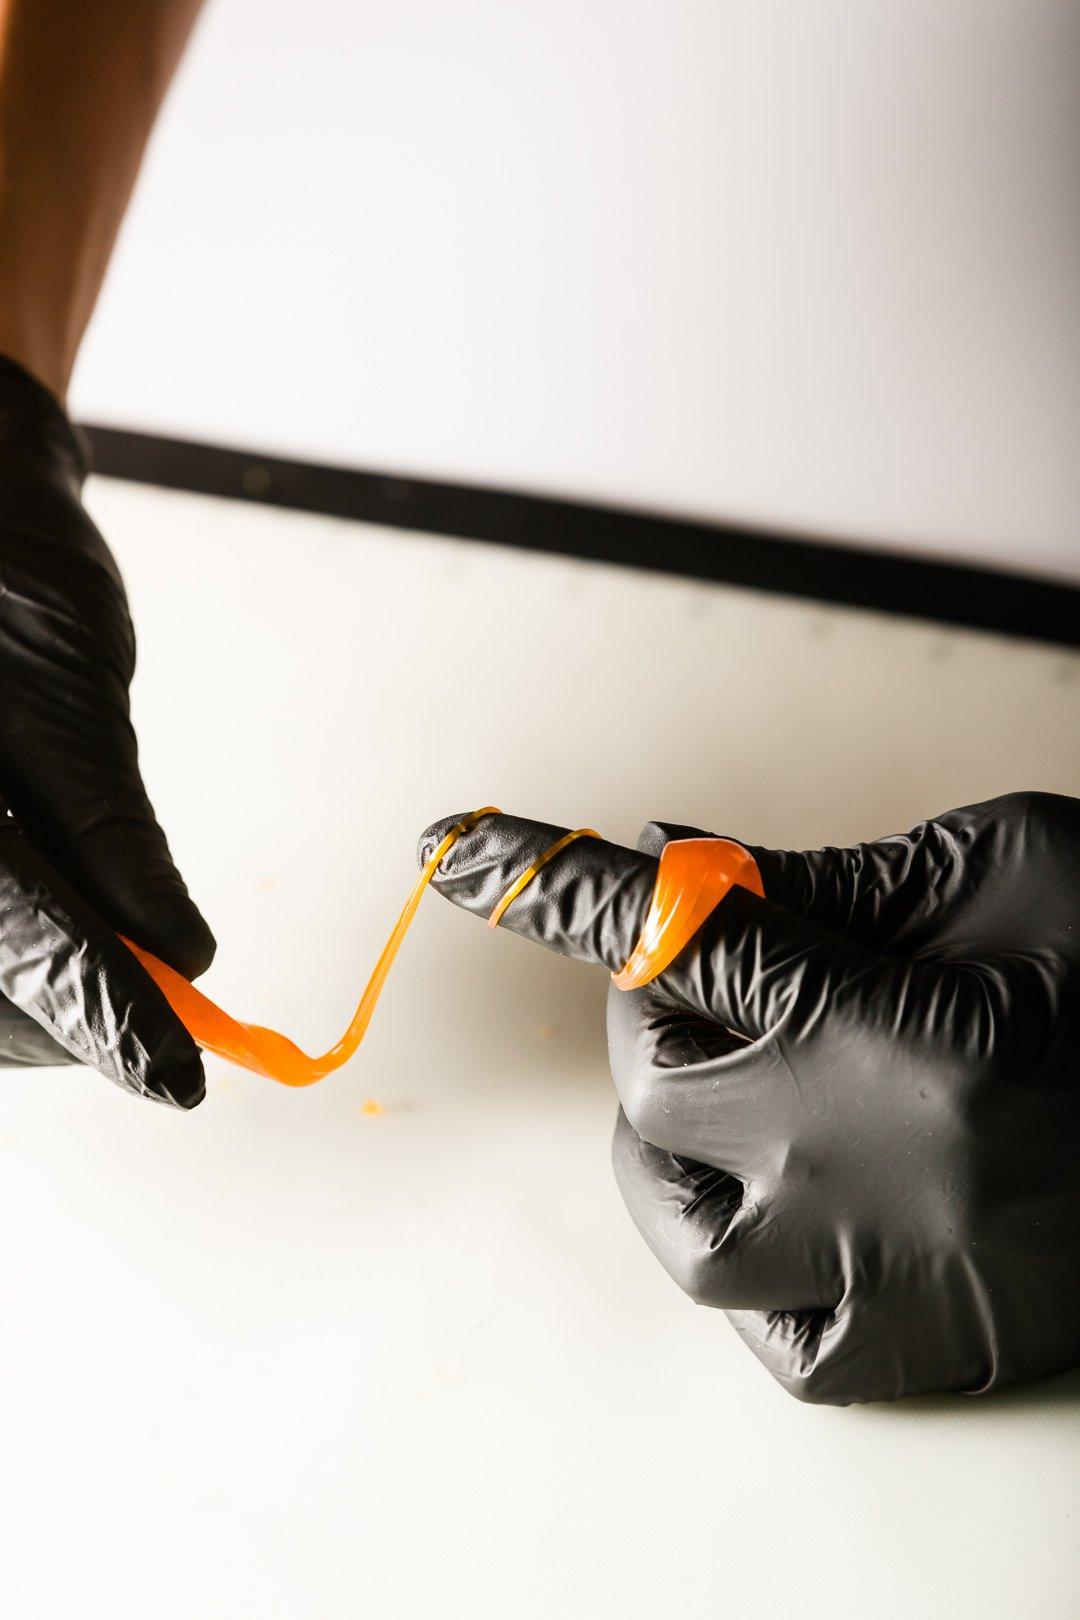 winding isomalt around a finger